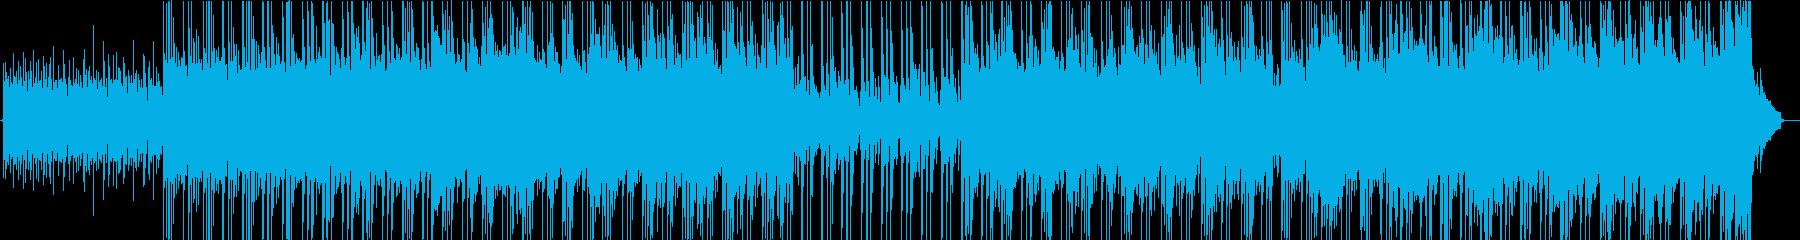 アコギ ブルース 生演奏の再生済みの波形